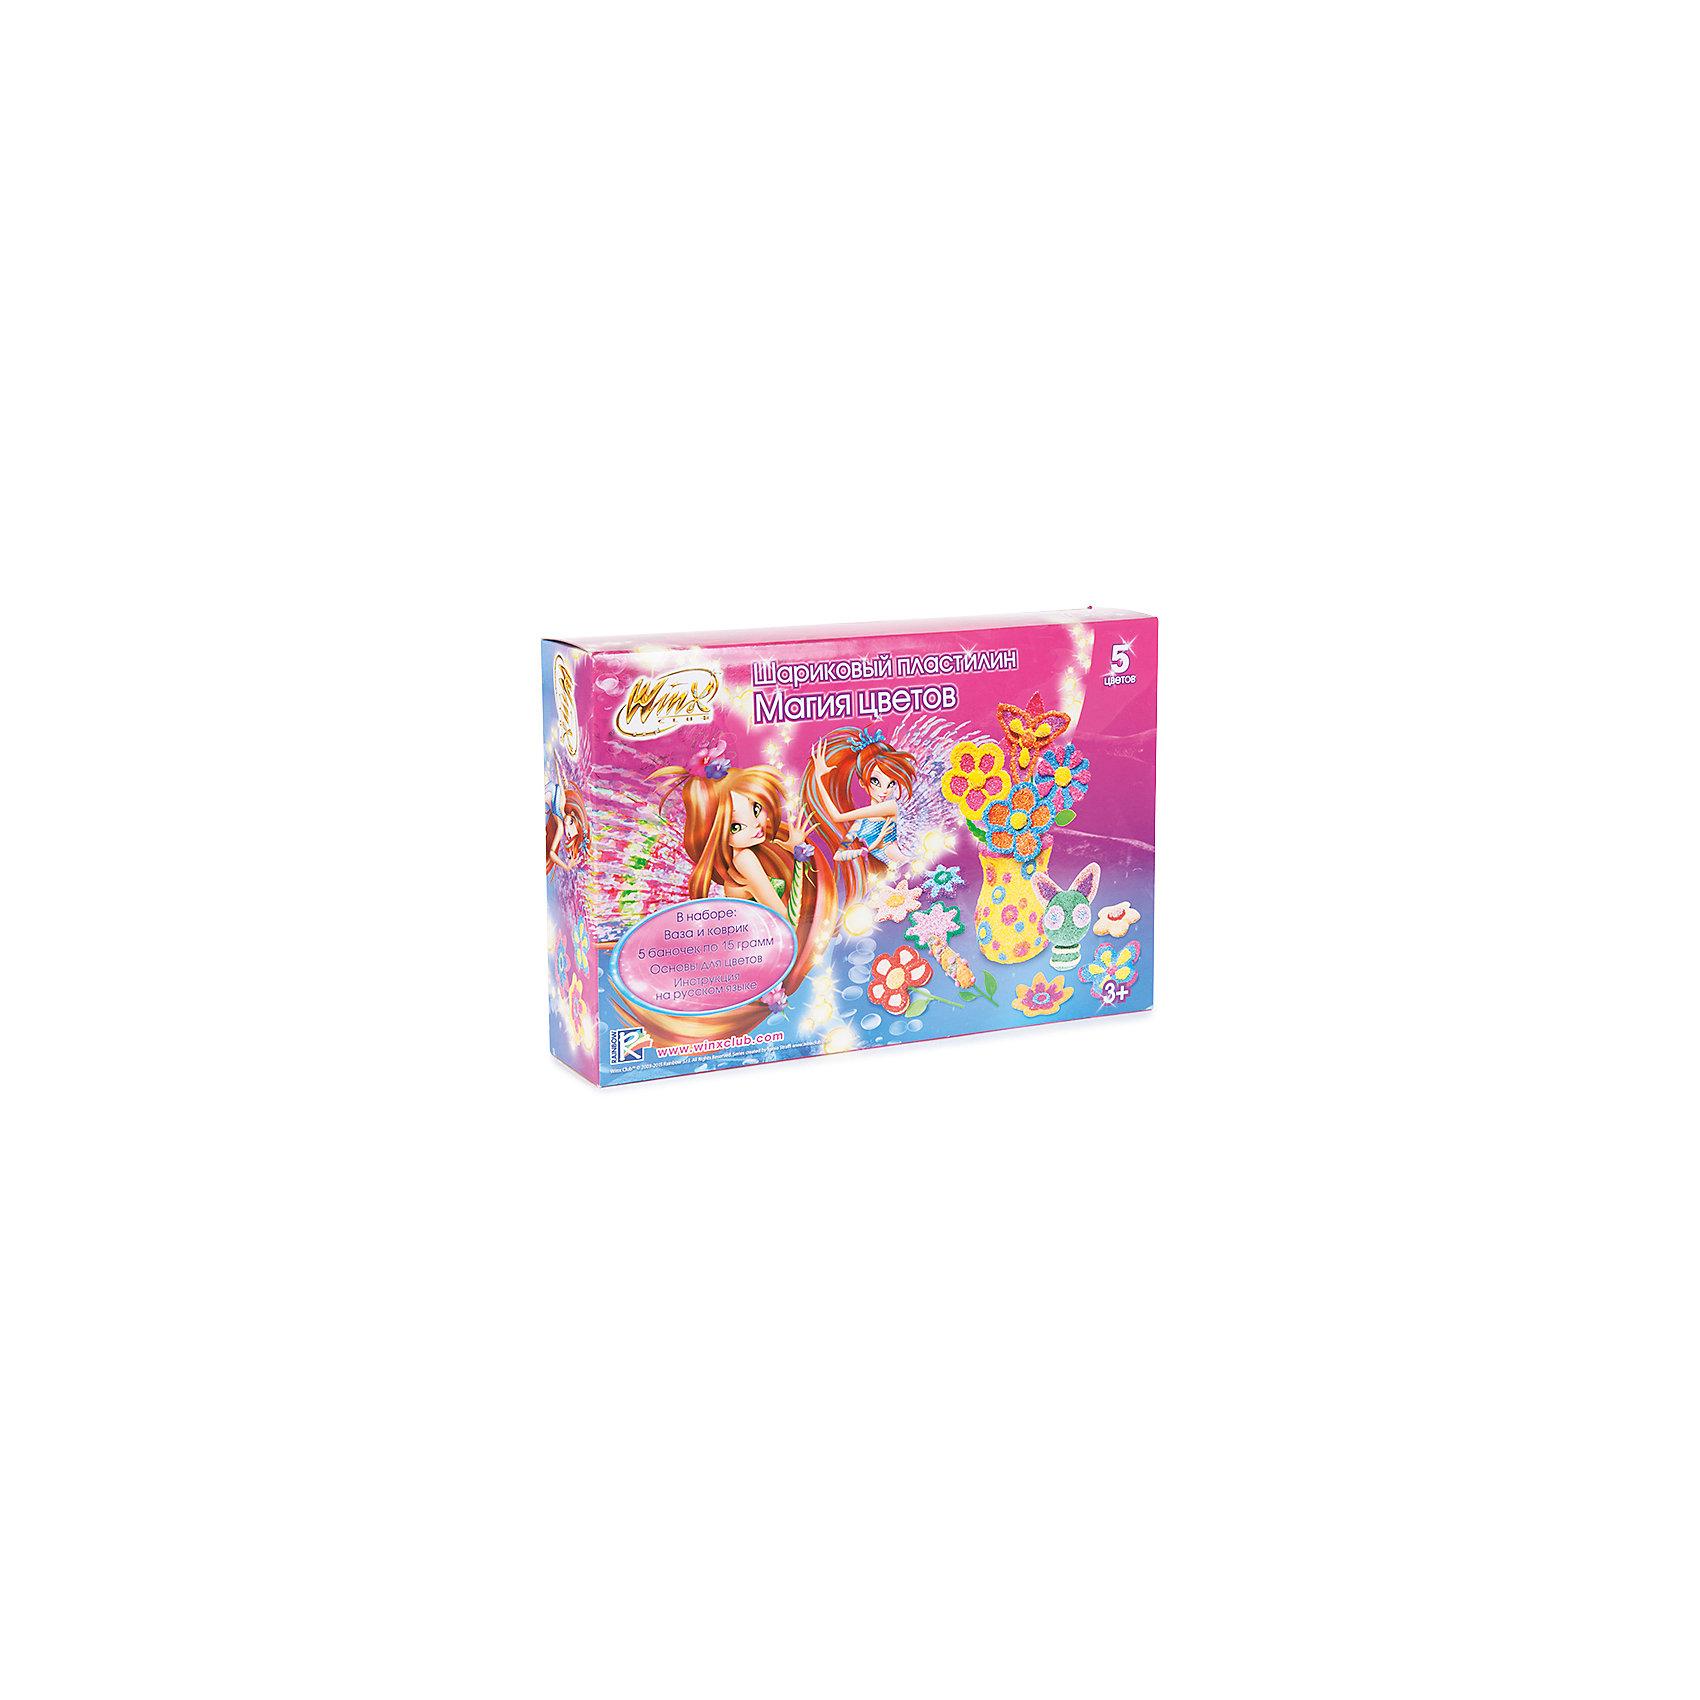 Altacto Шариковый пластилин Winx Магия цветов altacto набор для лепки winx волшебное кафе